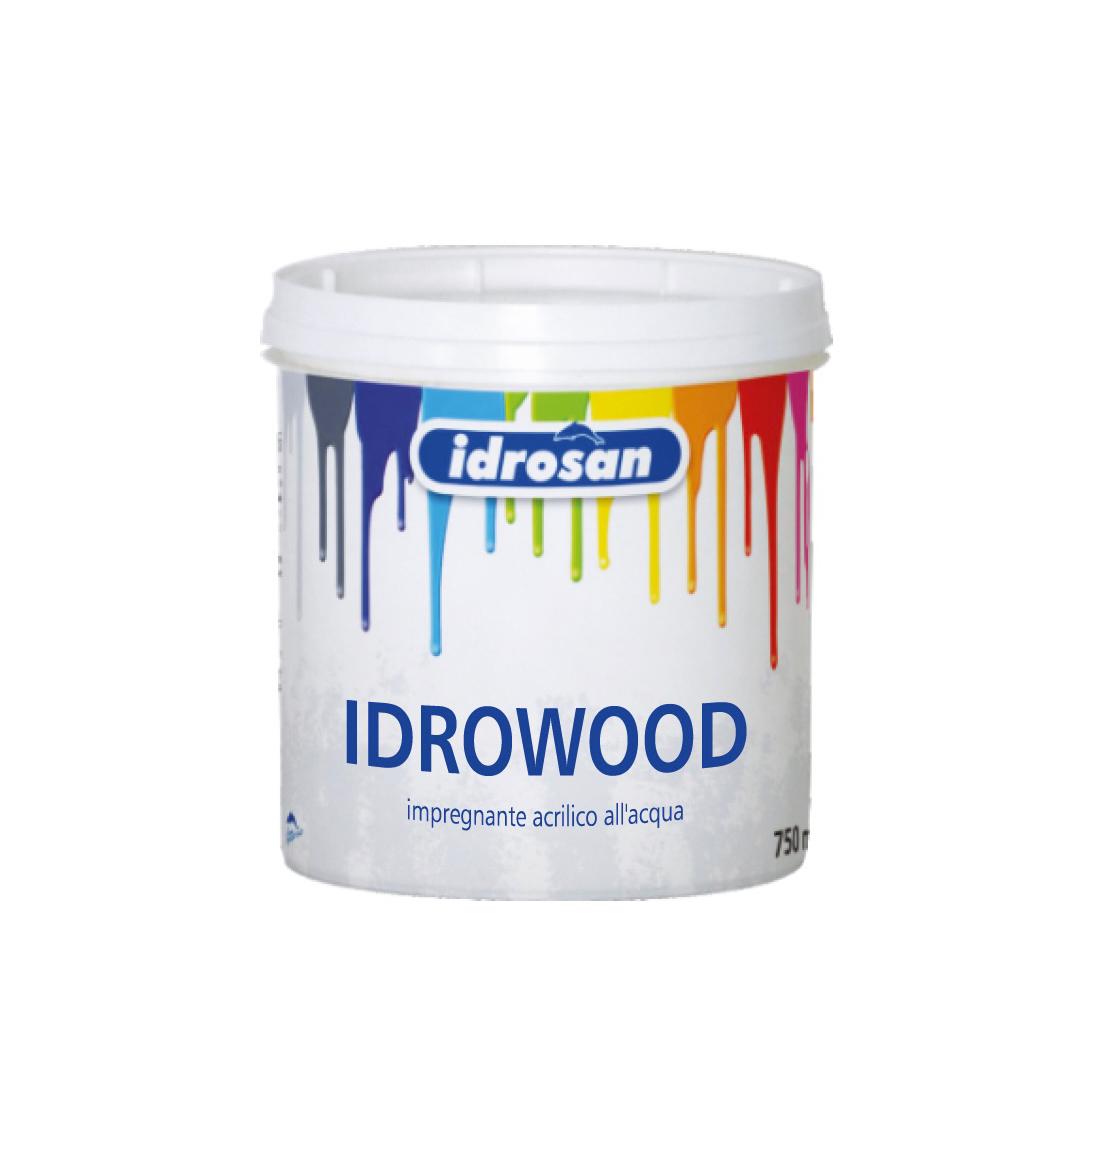 IDROWOOD